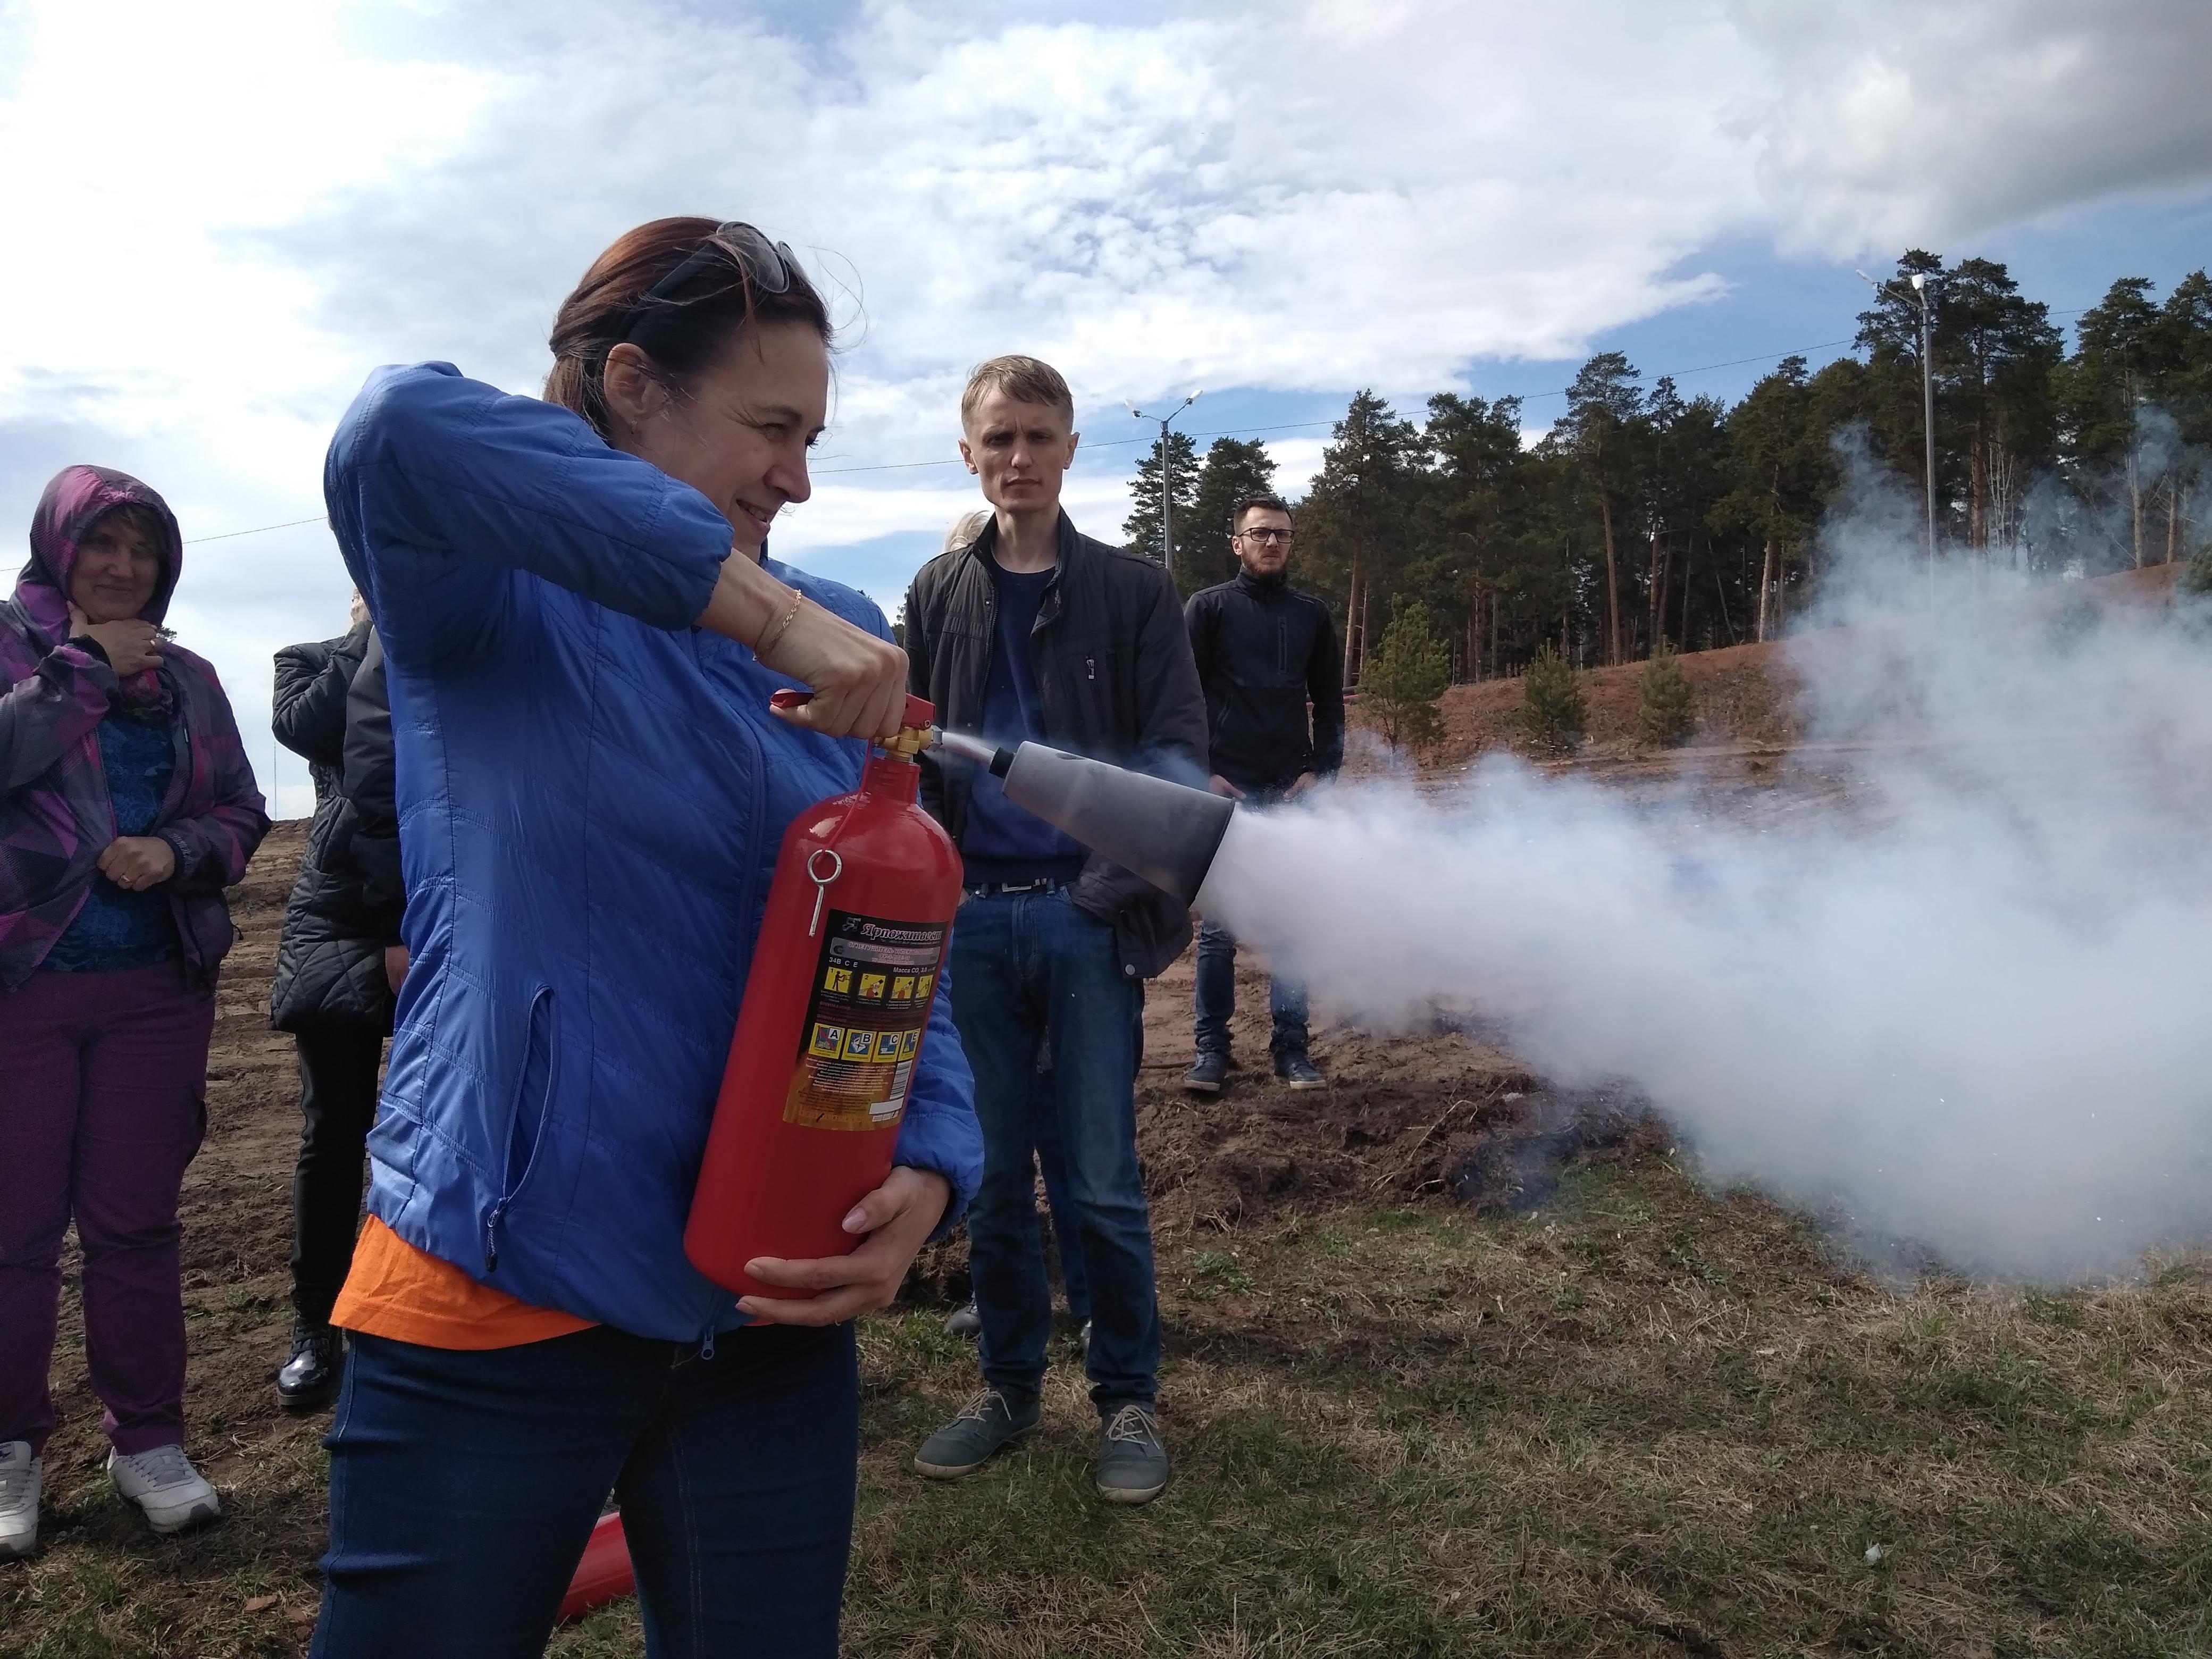 Испытания офисных огнетушителей на свежем воздухе прошли без потерь